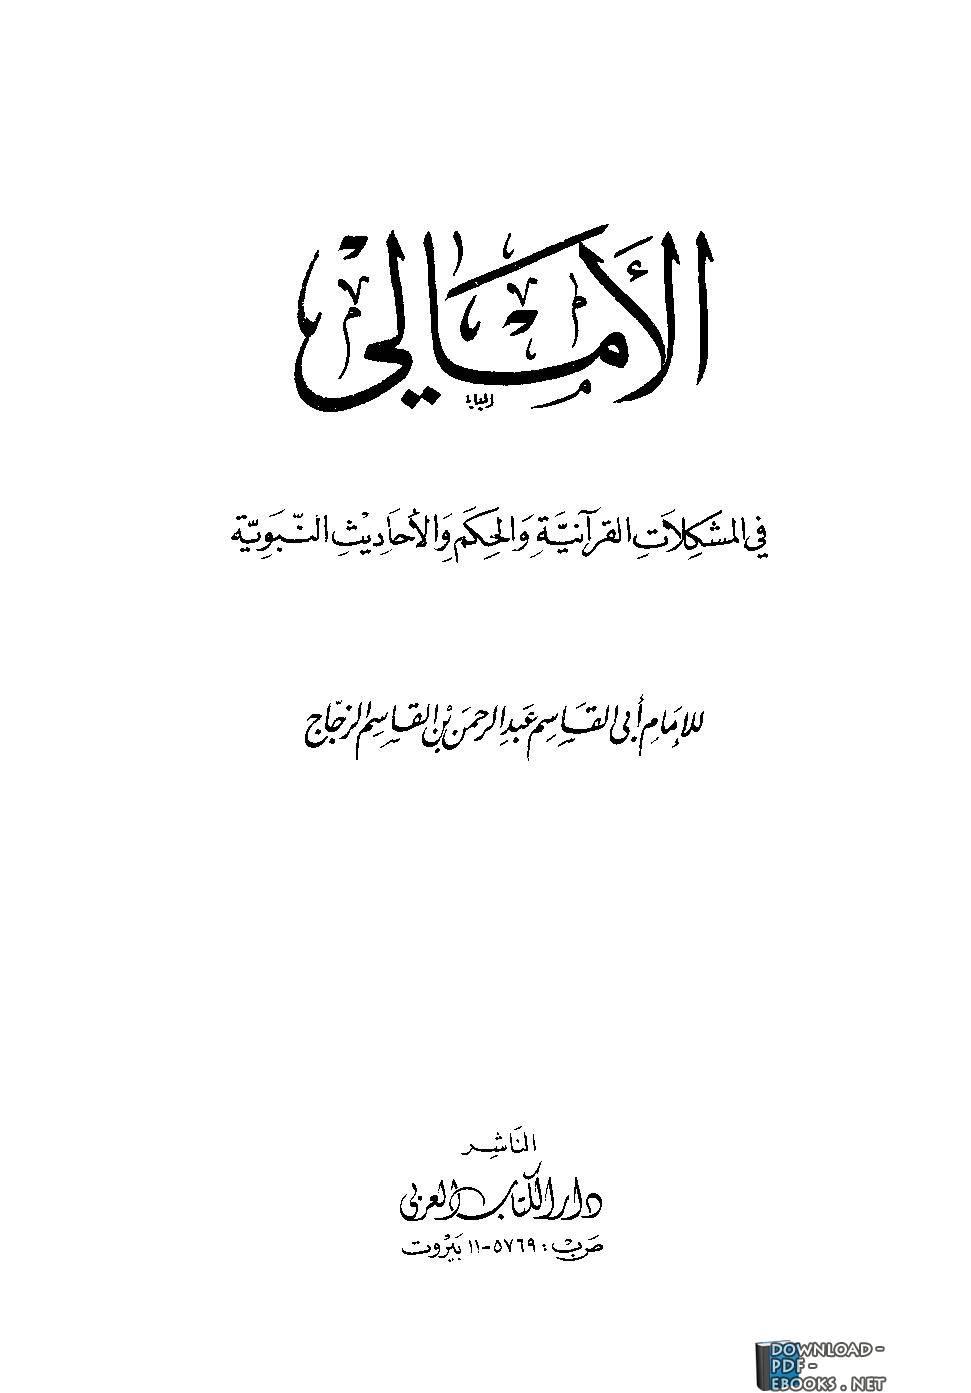 كتاب  الأمالي في المشكلات القرآنية والحكم والأحاديث النبوية